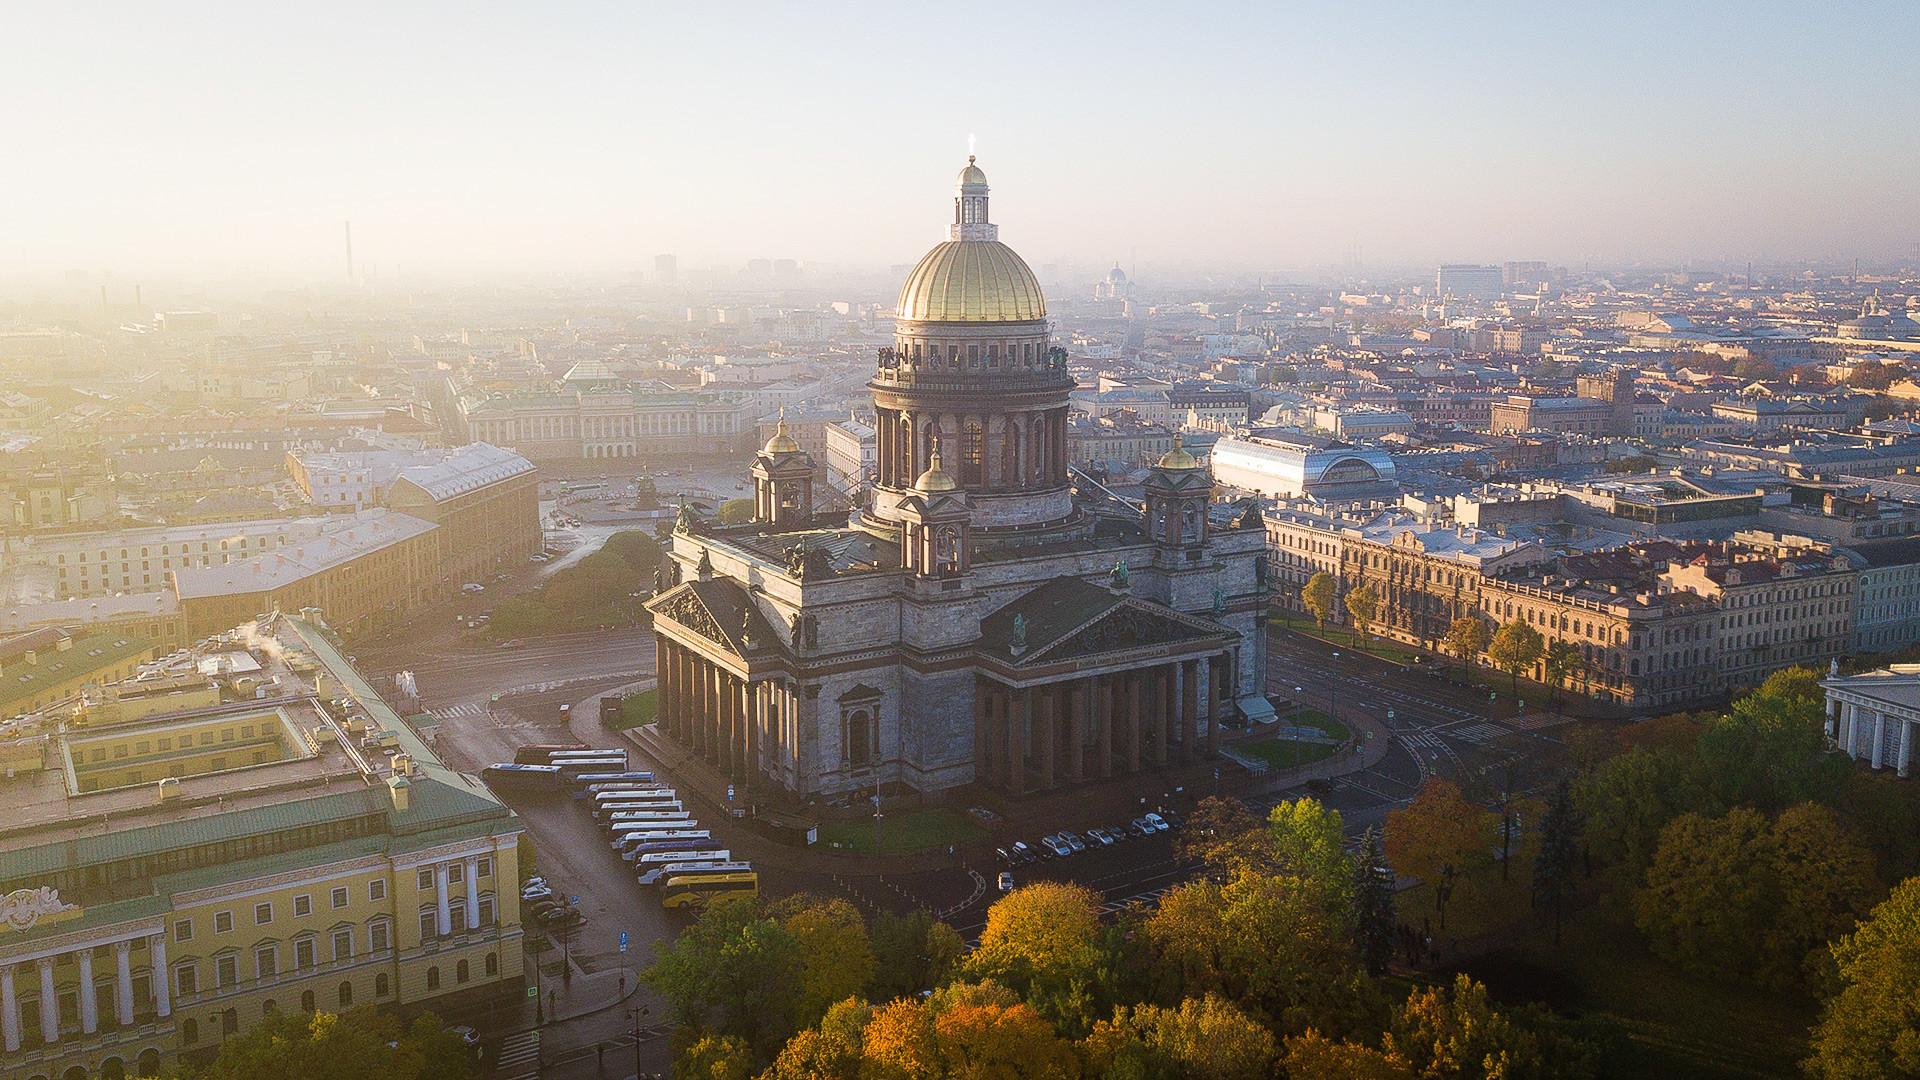 удобный выбор картинки рабочего стола видом санкт петербурга сведениям